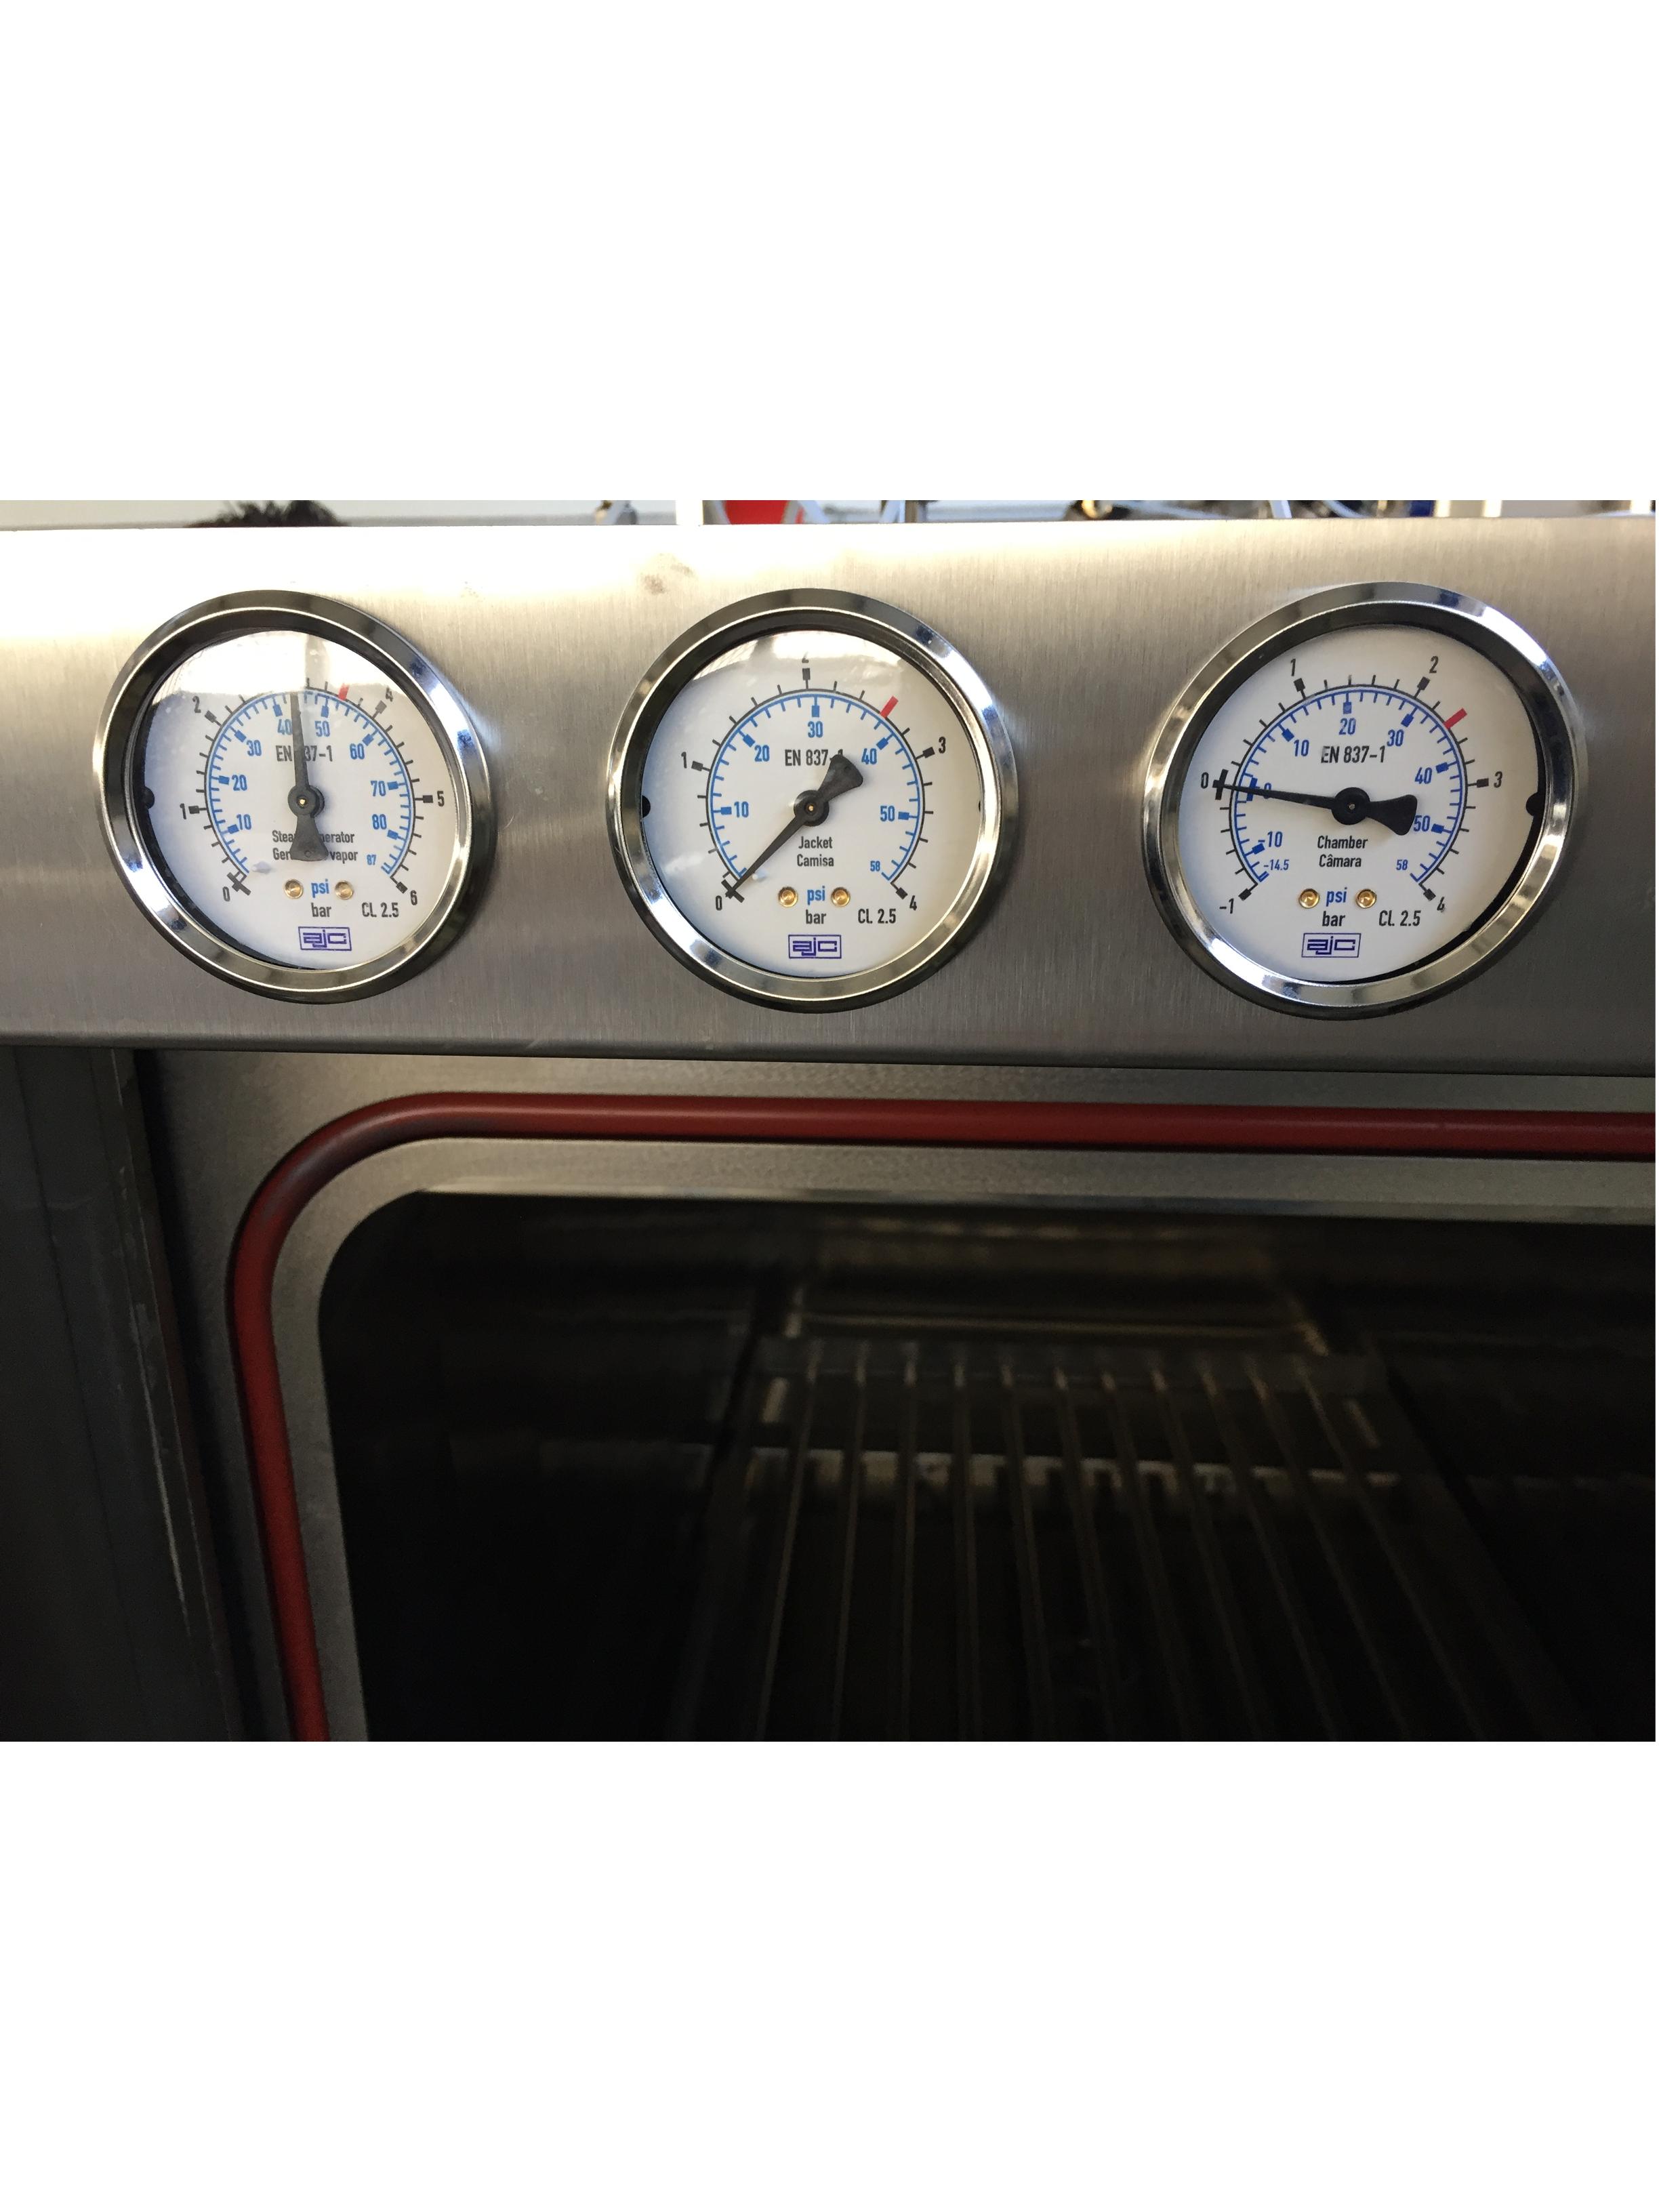 AJC - Manomètres de façade Amaro 5000